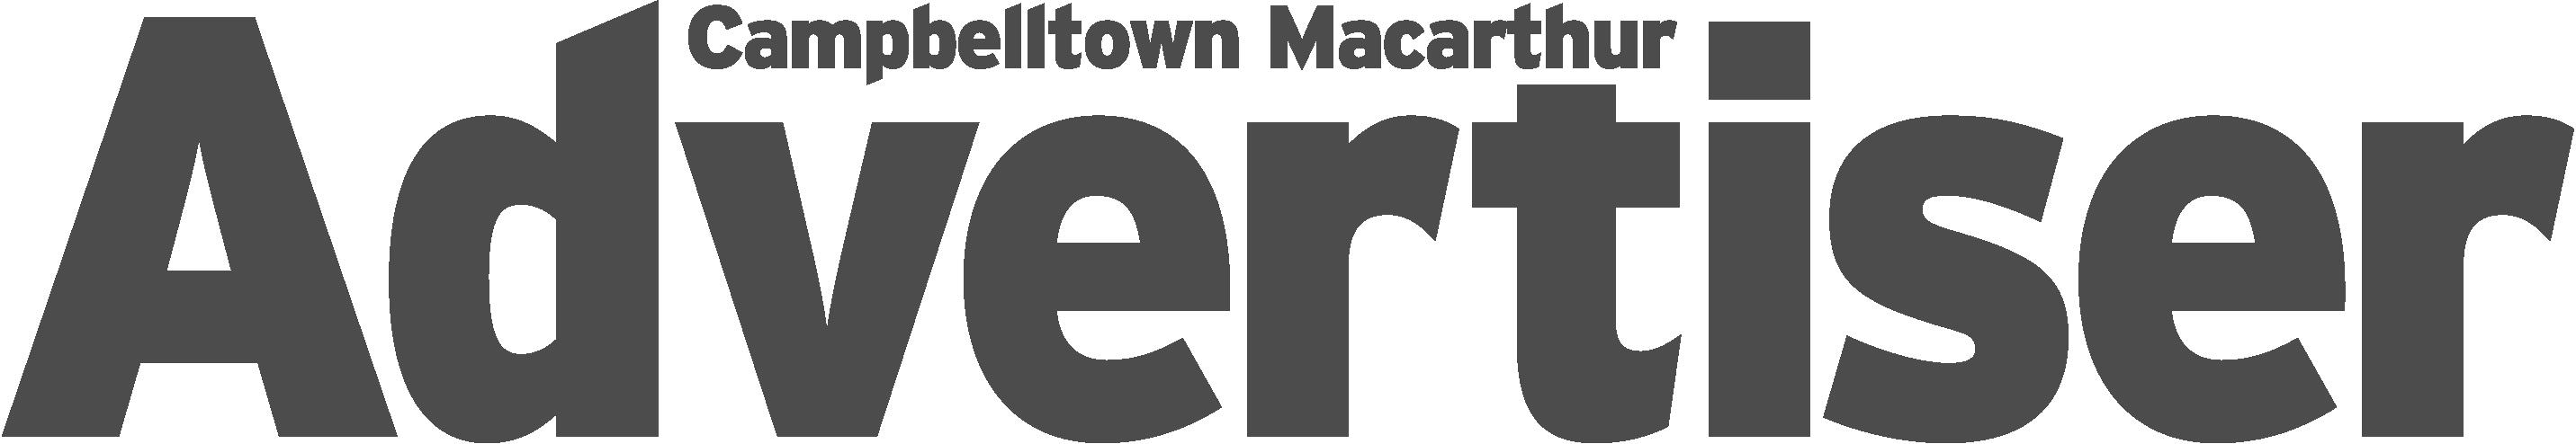 Campbelltown-Macarthur Advertiser